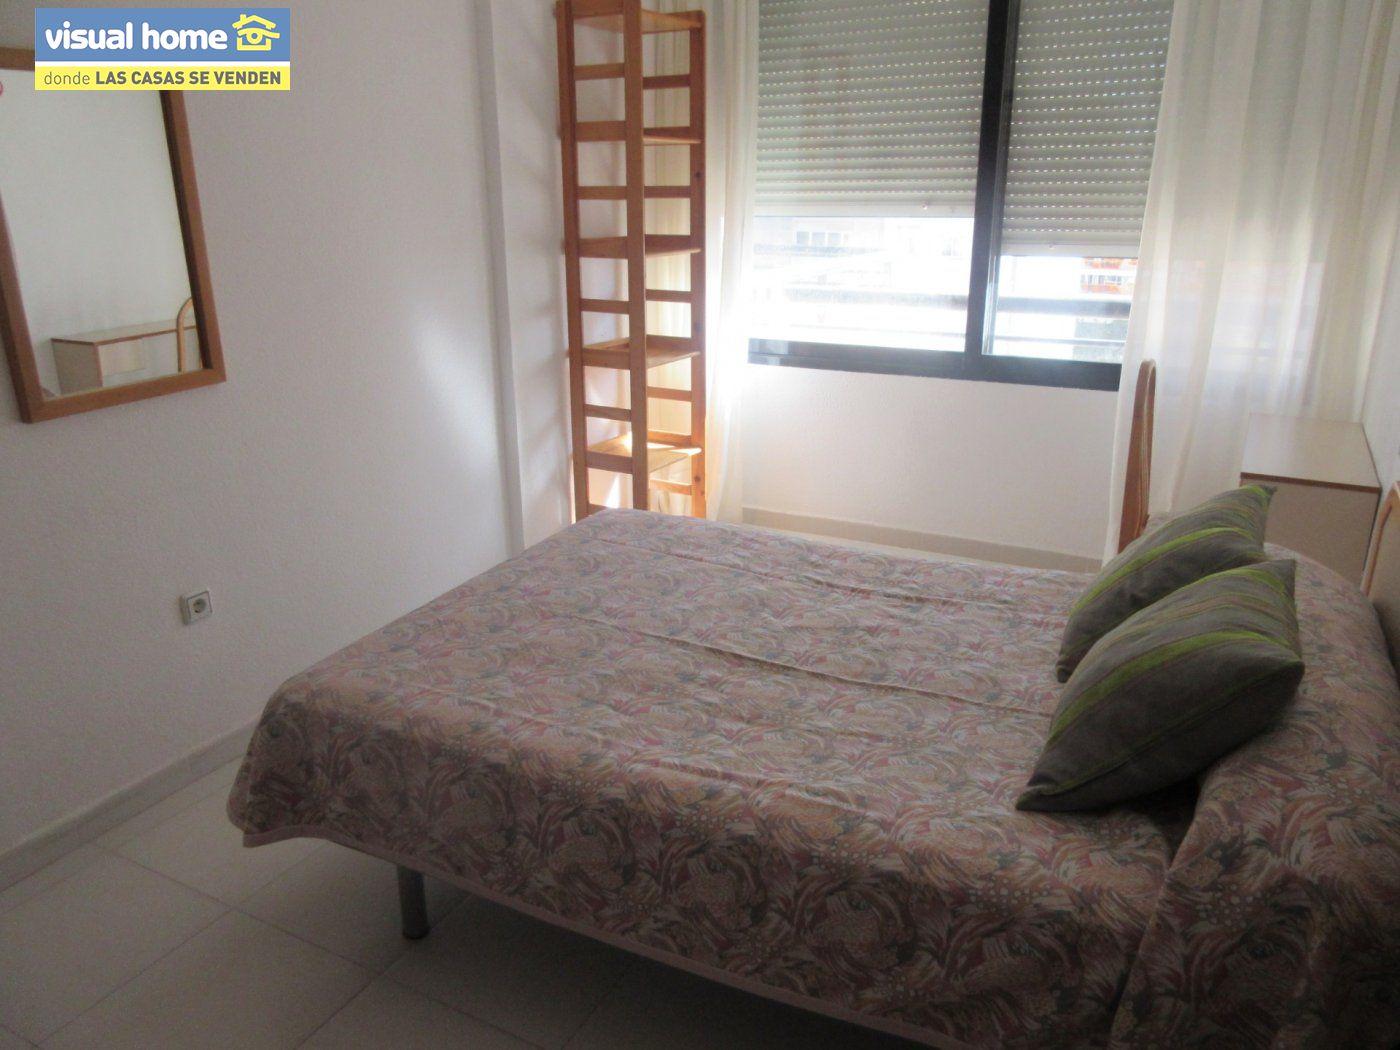 Apartamento de un dormitorio con parking y piscina en Rincón de Loix llano 13